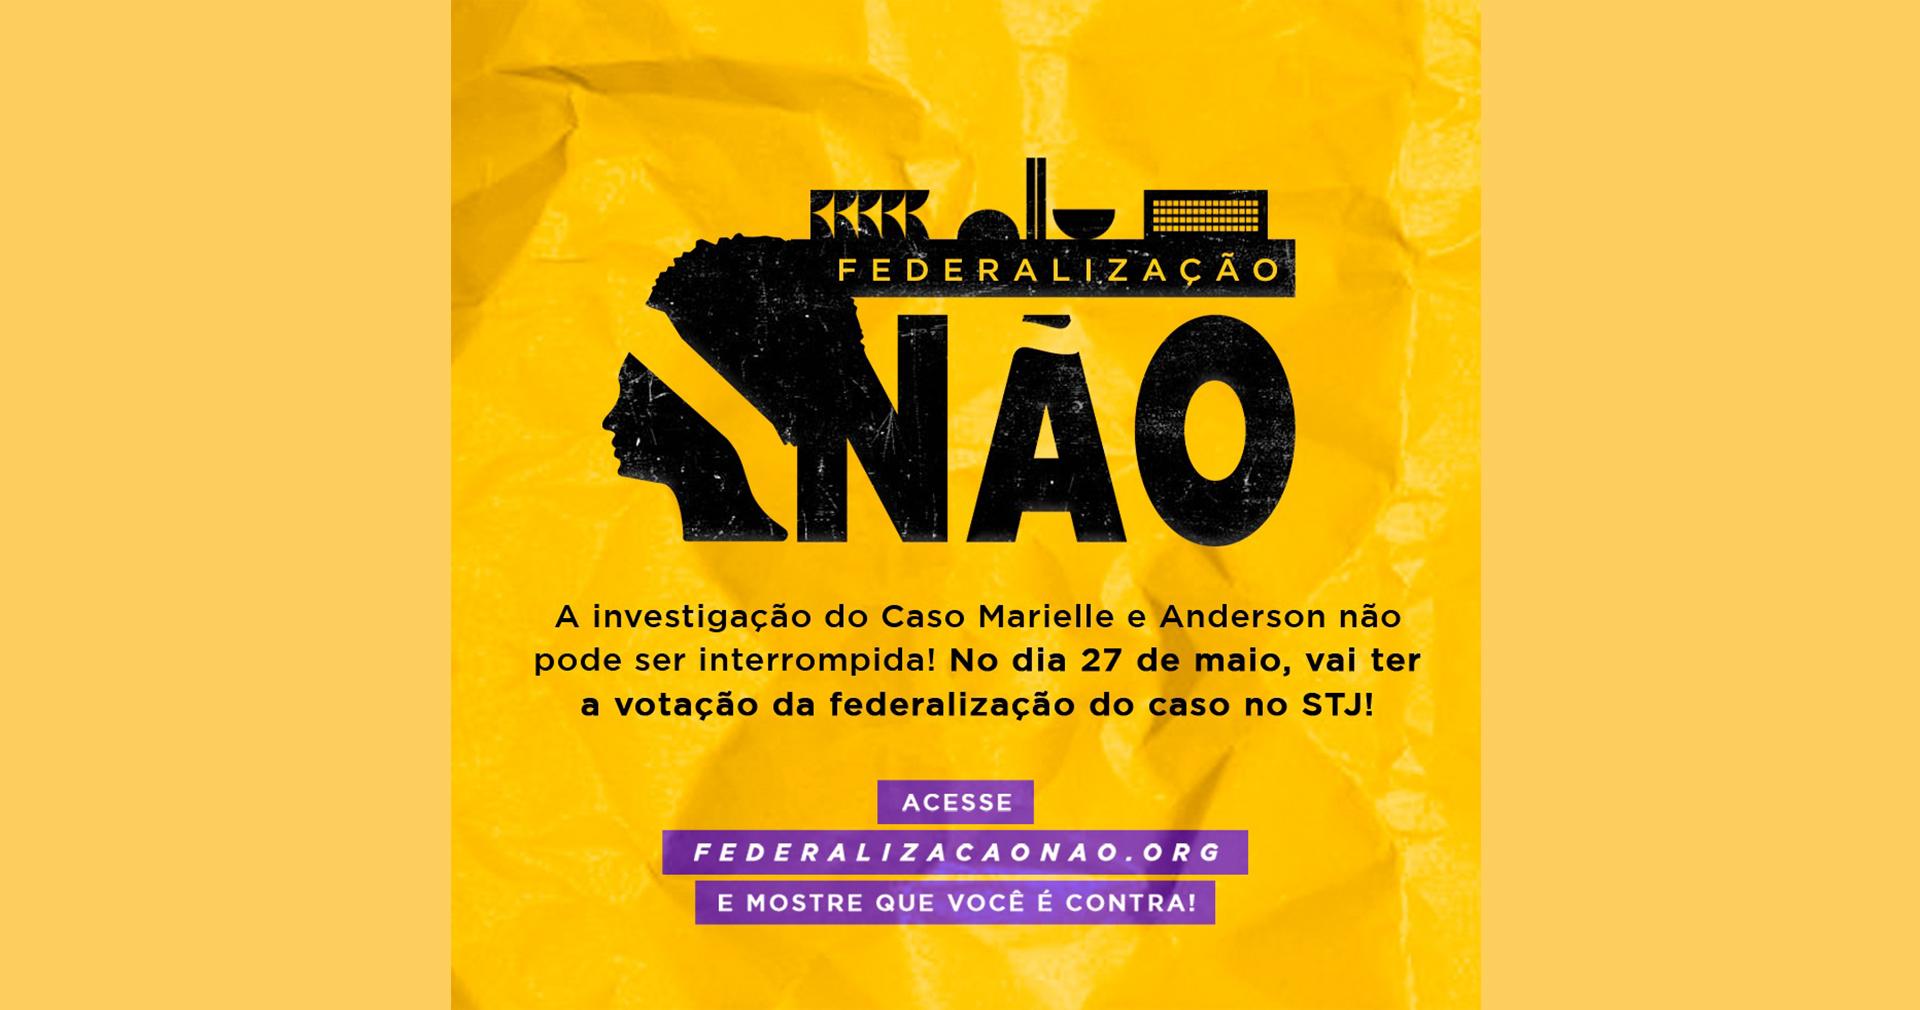 URGENTE! A investigação do caso Marielle e Anderson não pode ser interrompida!